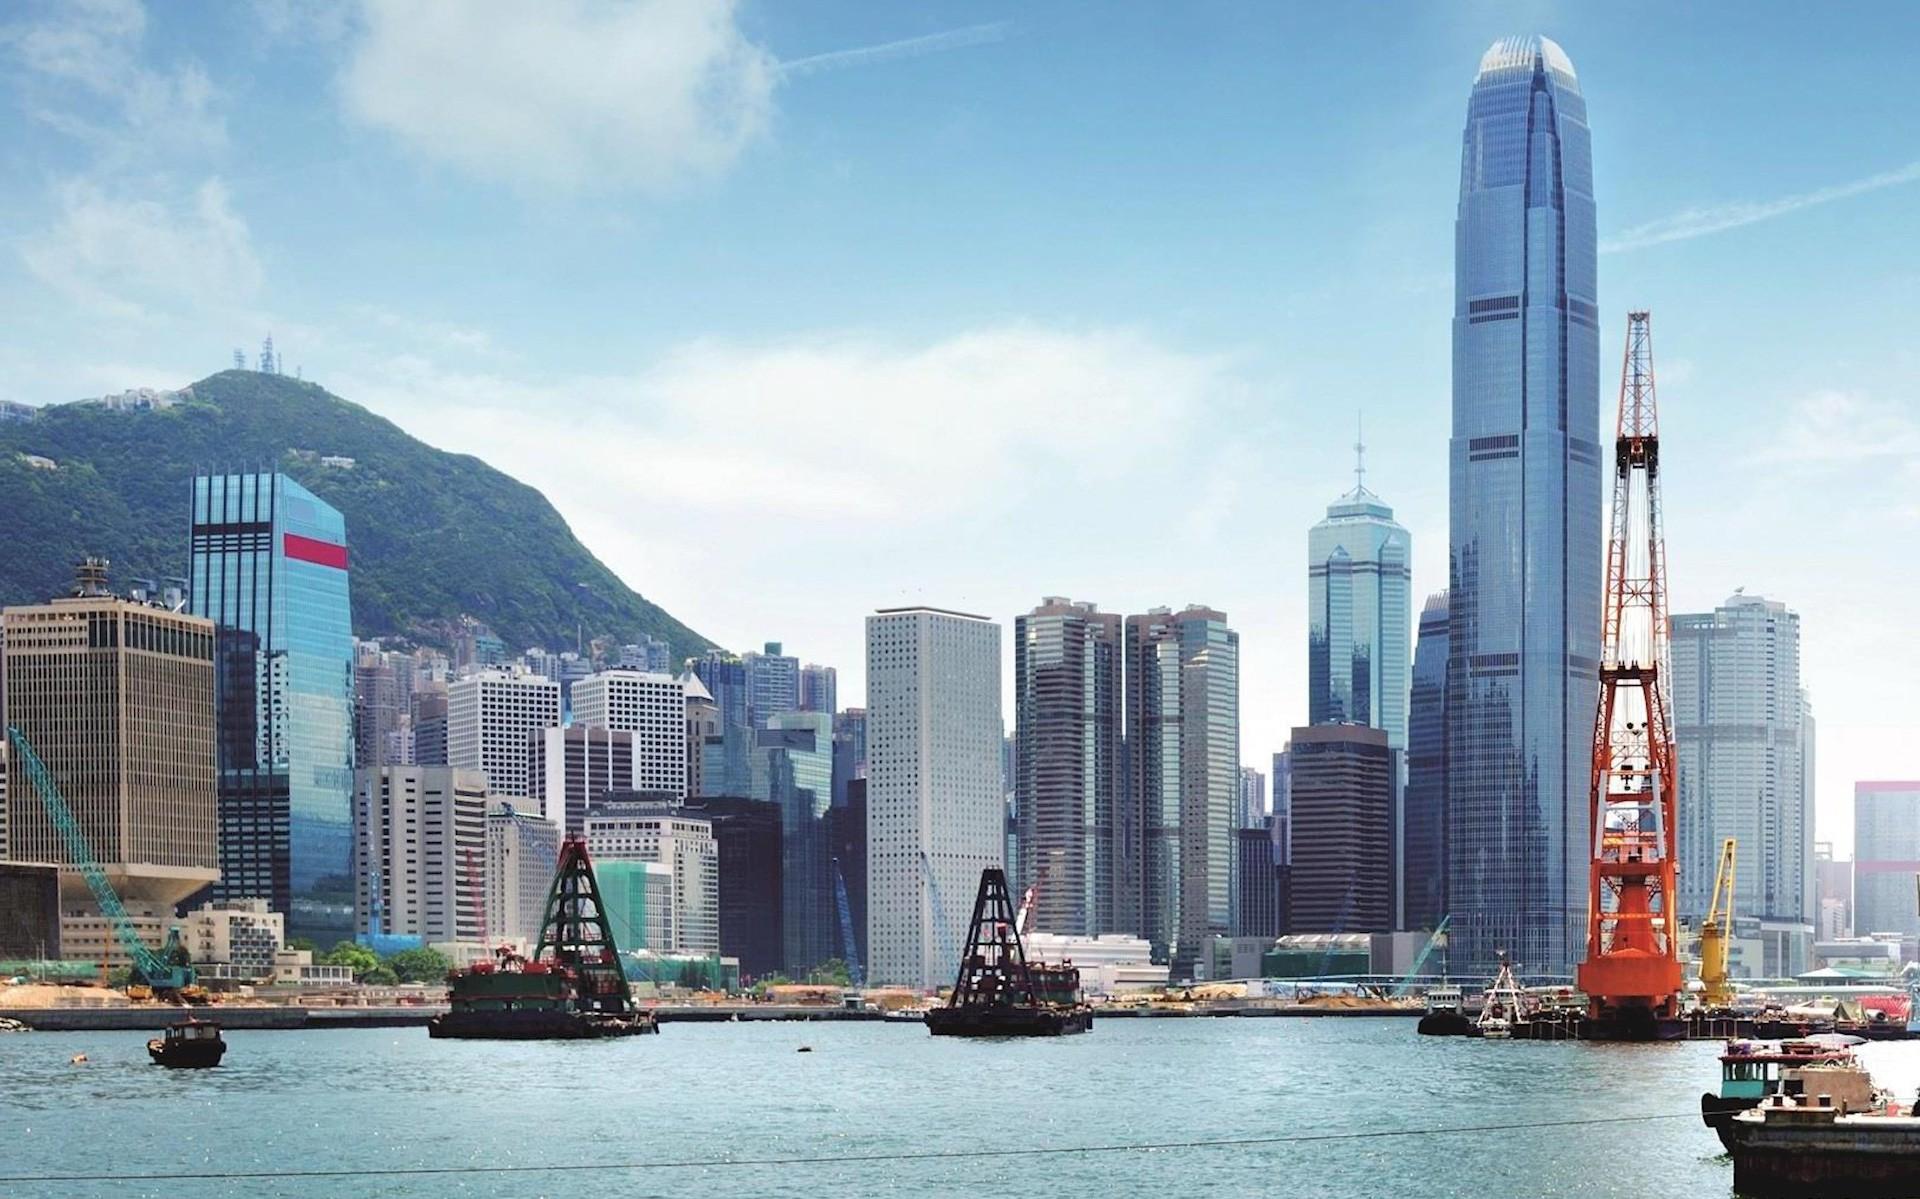 Đây là cách mà Hồng Kông biến mình từ một làng chài thành trung tâm giao thương quan trọng bậc nhất của thế giới